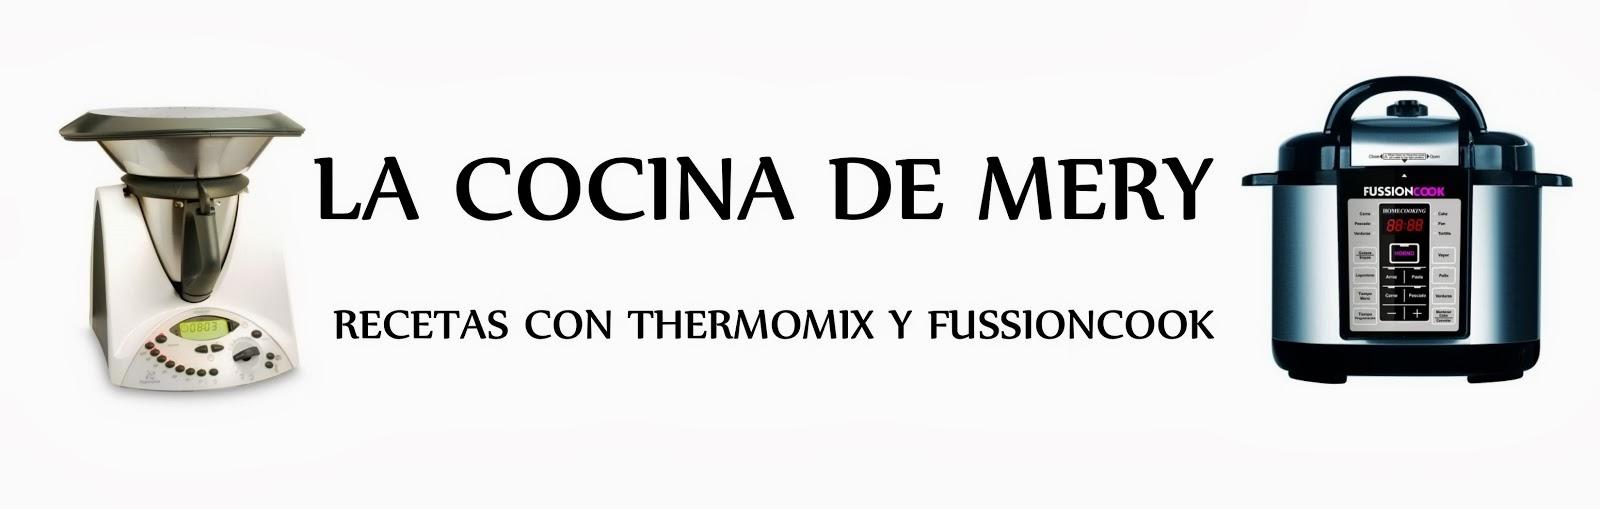 La Cocina de Mery (Thermomix y Fussiocook)